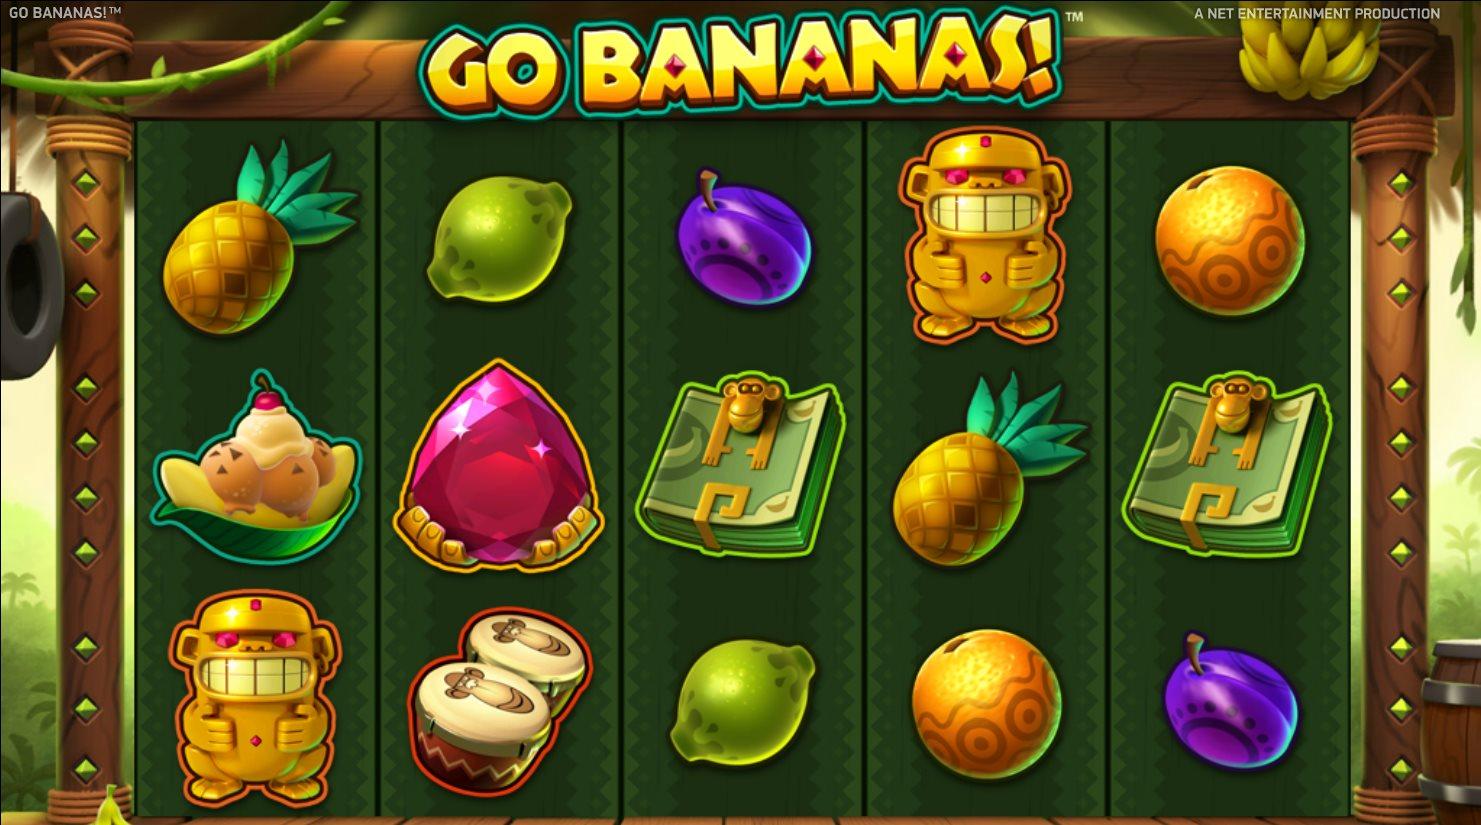 Go Banananas videoslot